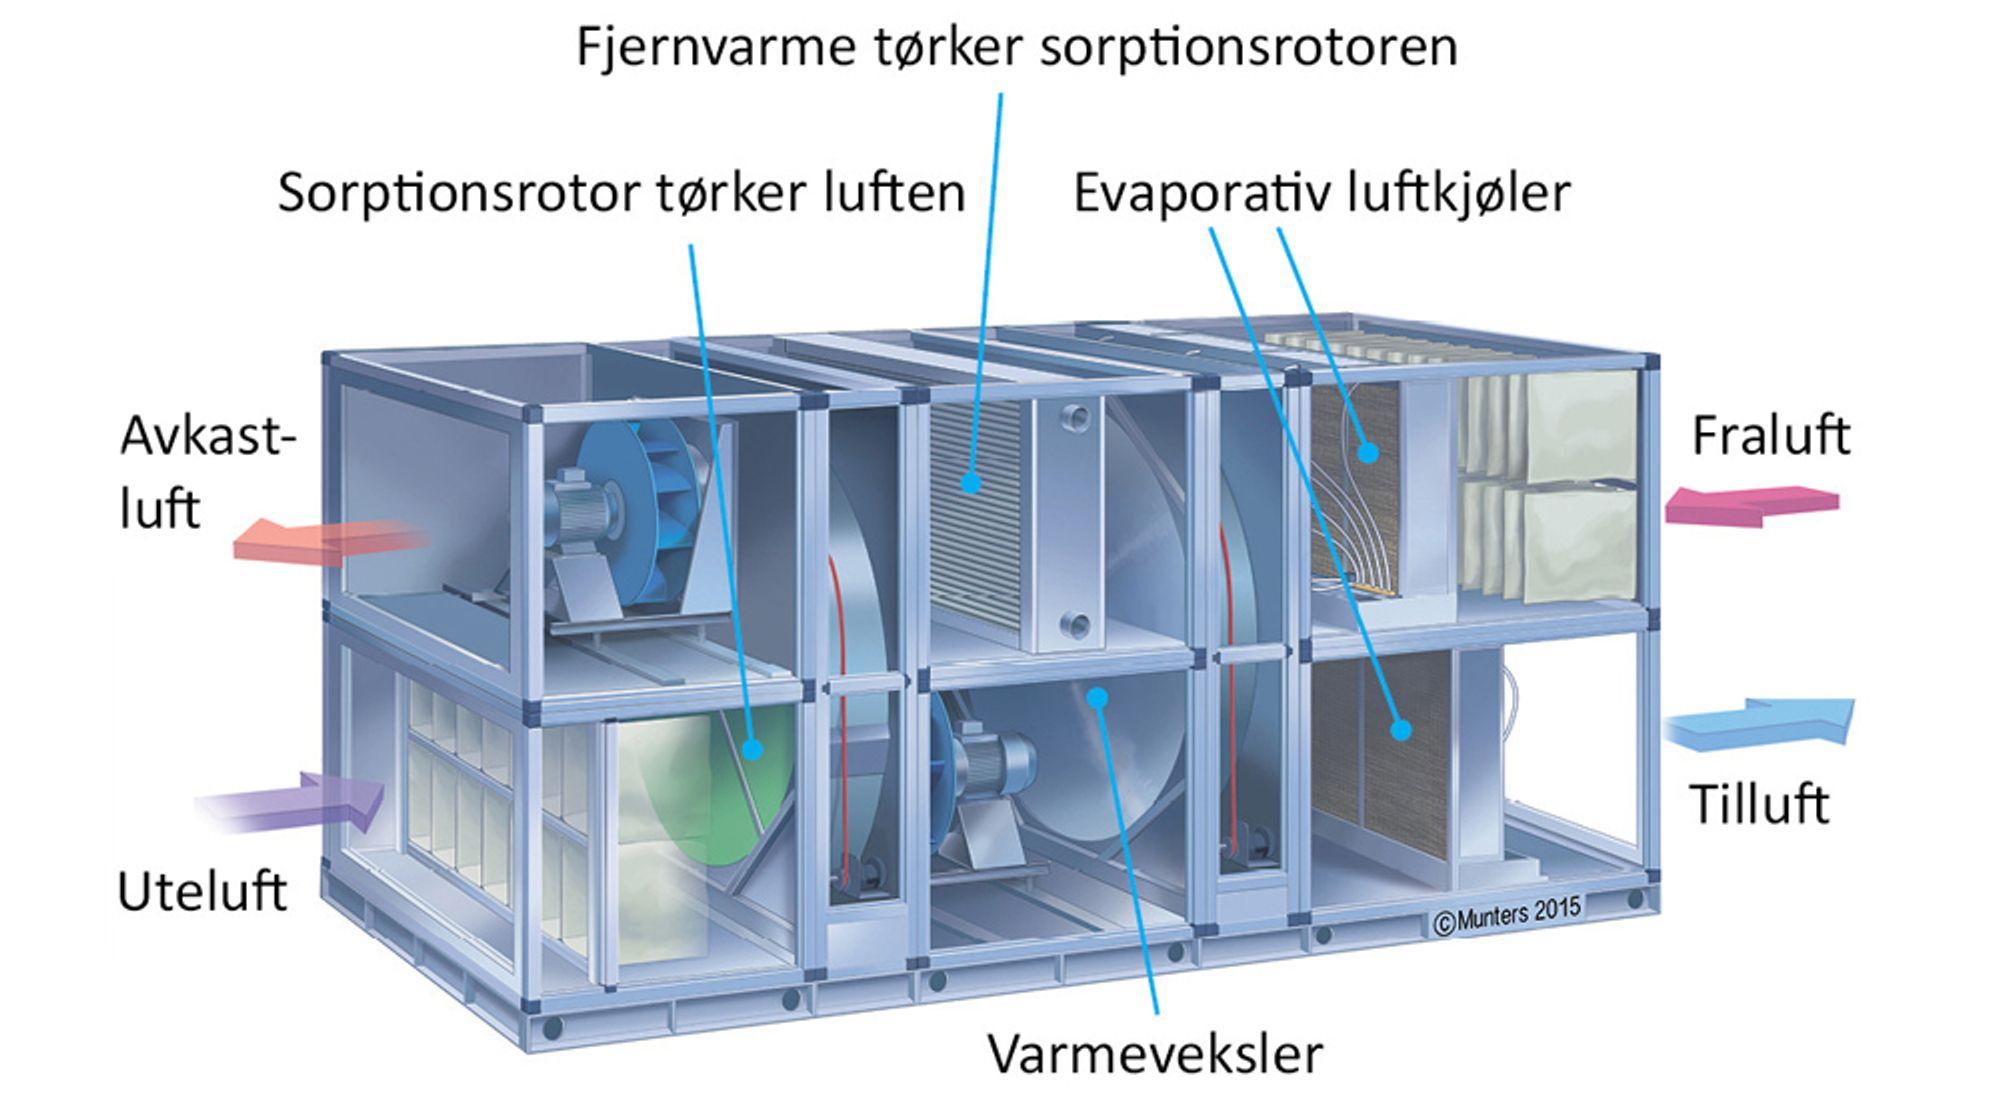 Sorptiv kjøling fungerer ved at uteluften renses, og så tørkes i en varmegjenvinner. Uteluften avgir så varme til avtrekksluft i en varmegjenvinner. Deretter kjøles uteluften ned ved hjelp av vannmolekyler.